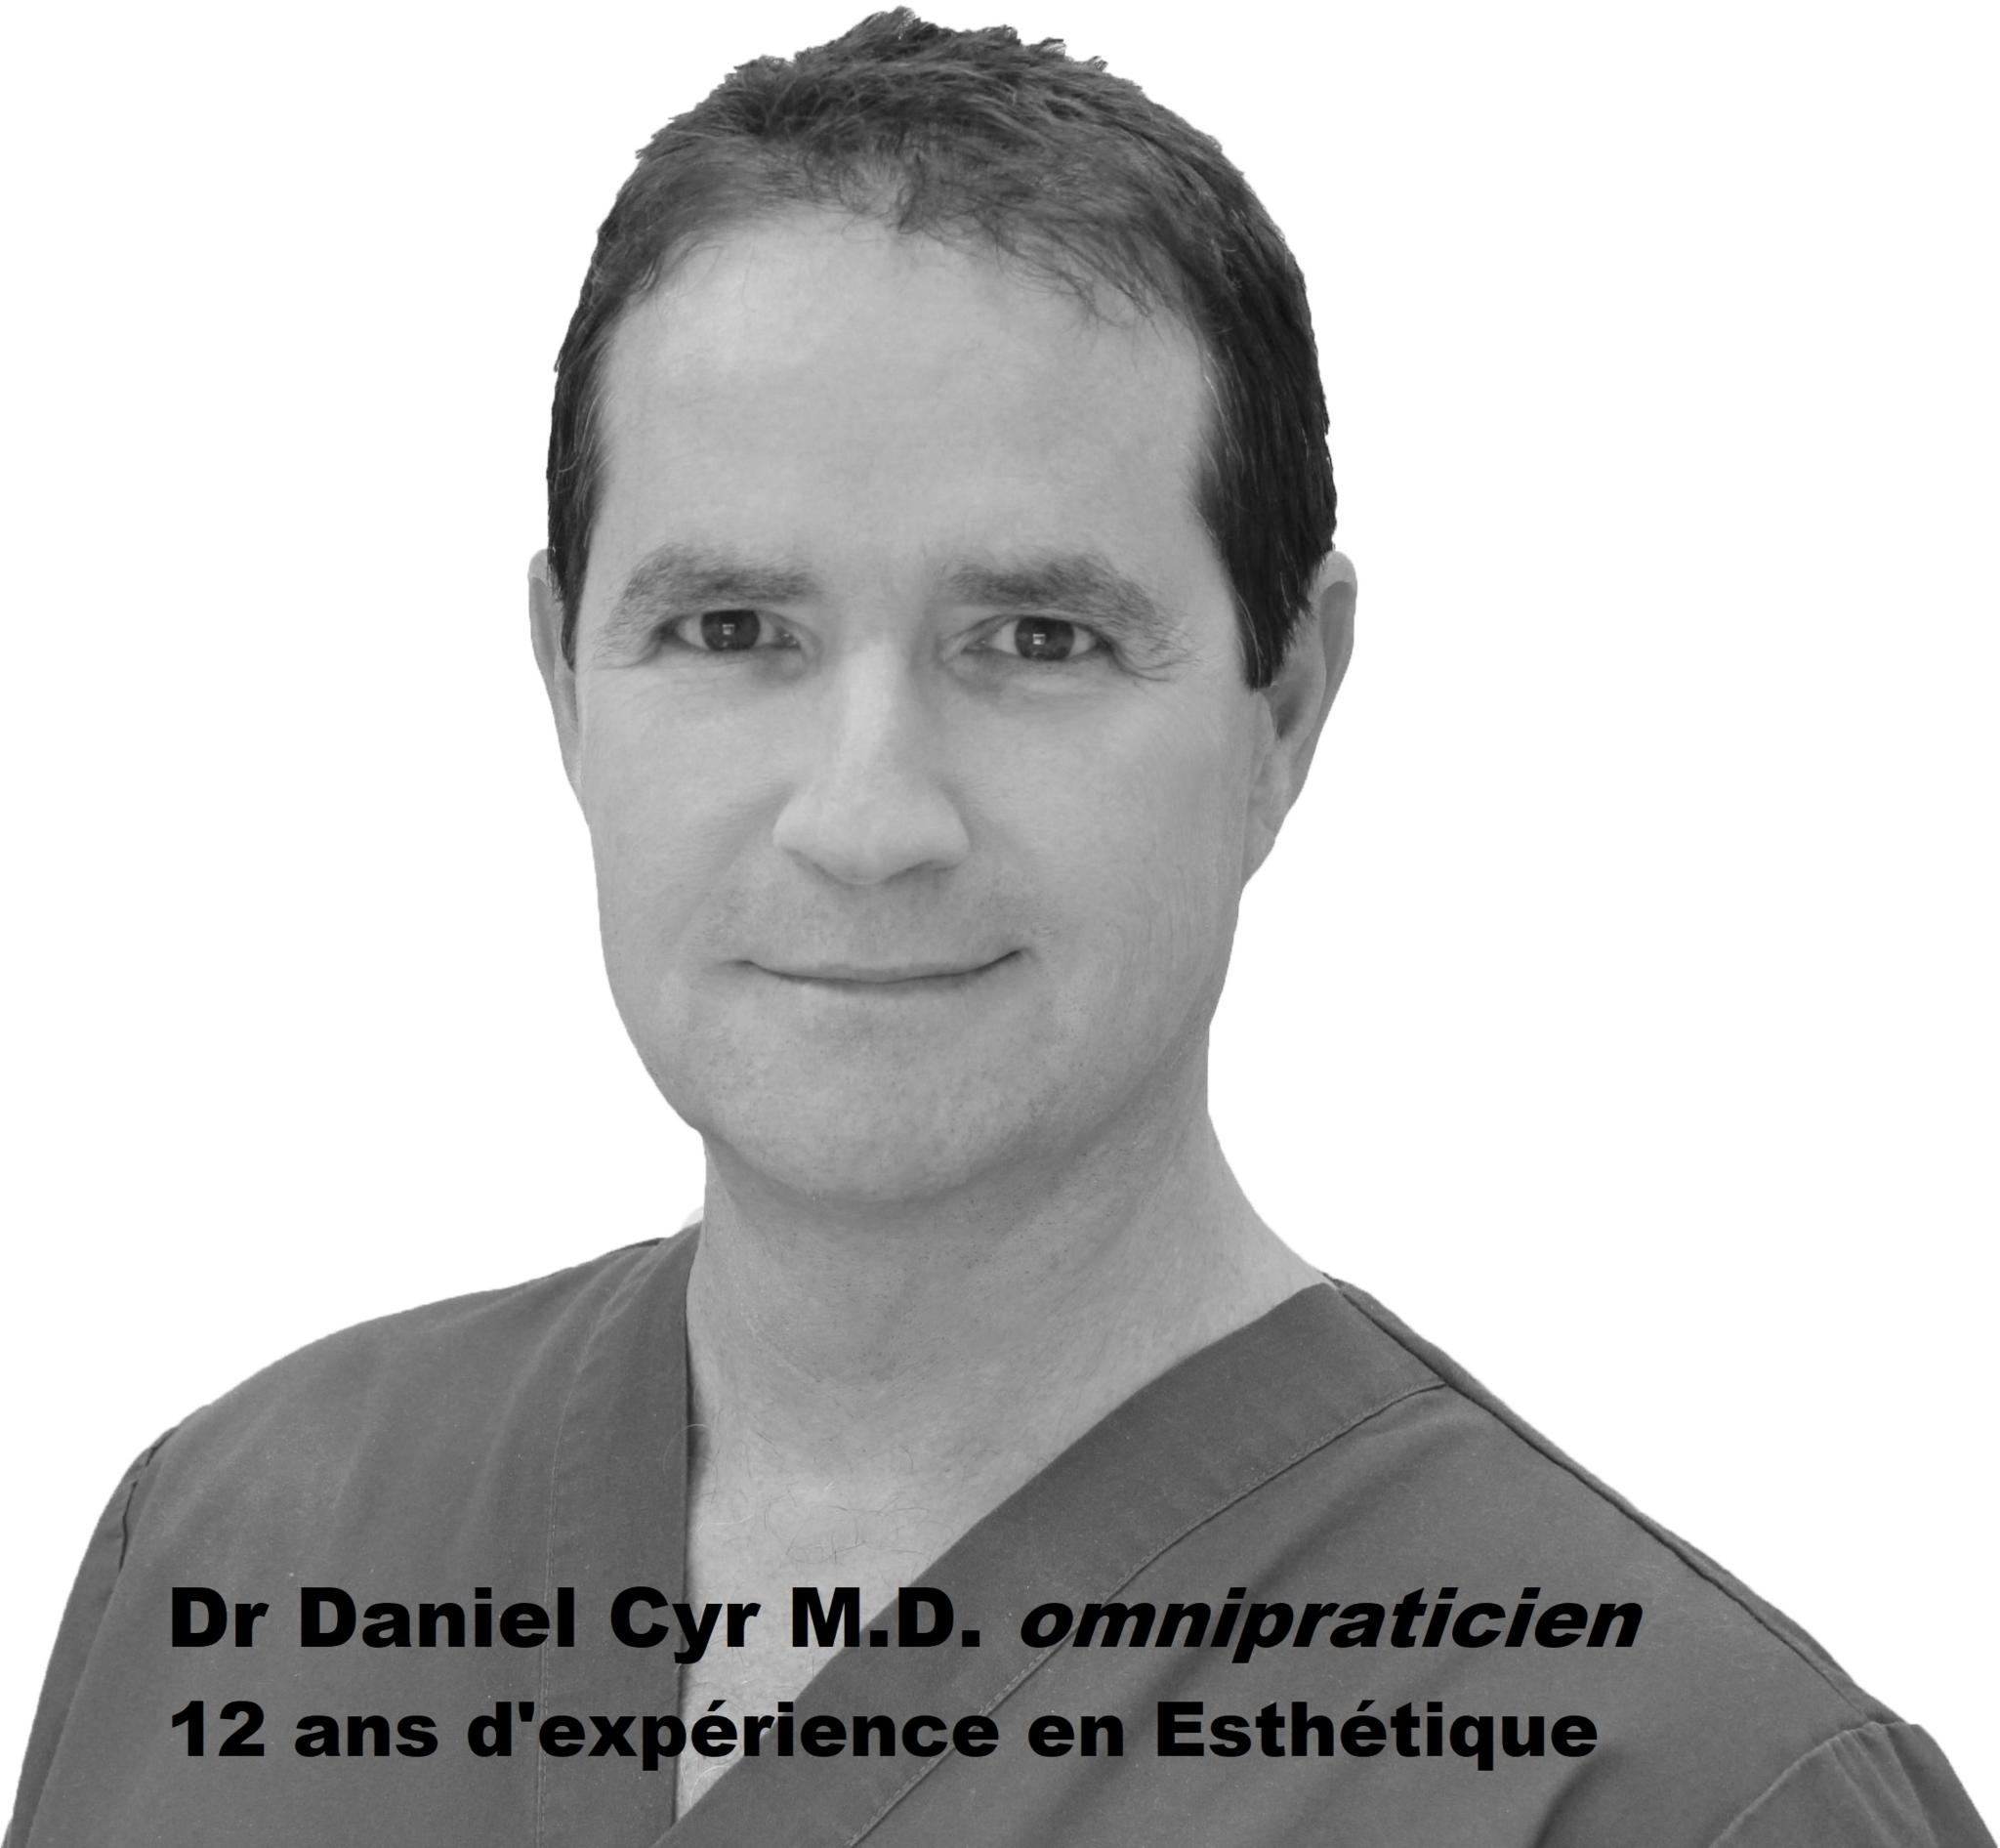 Clinique Esthétique et Laser Dr Cyr